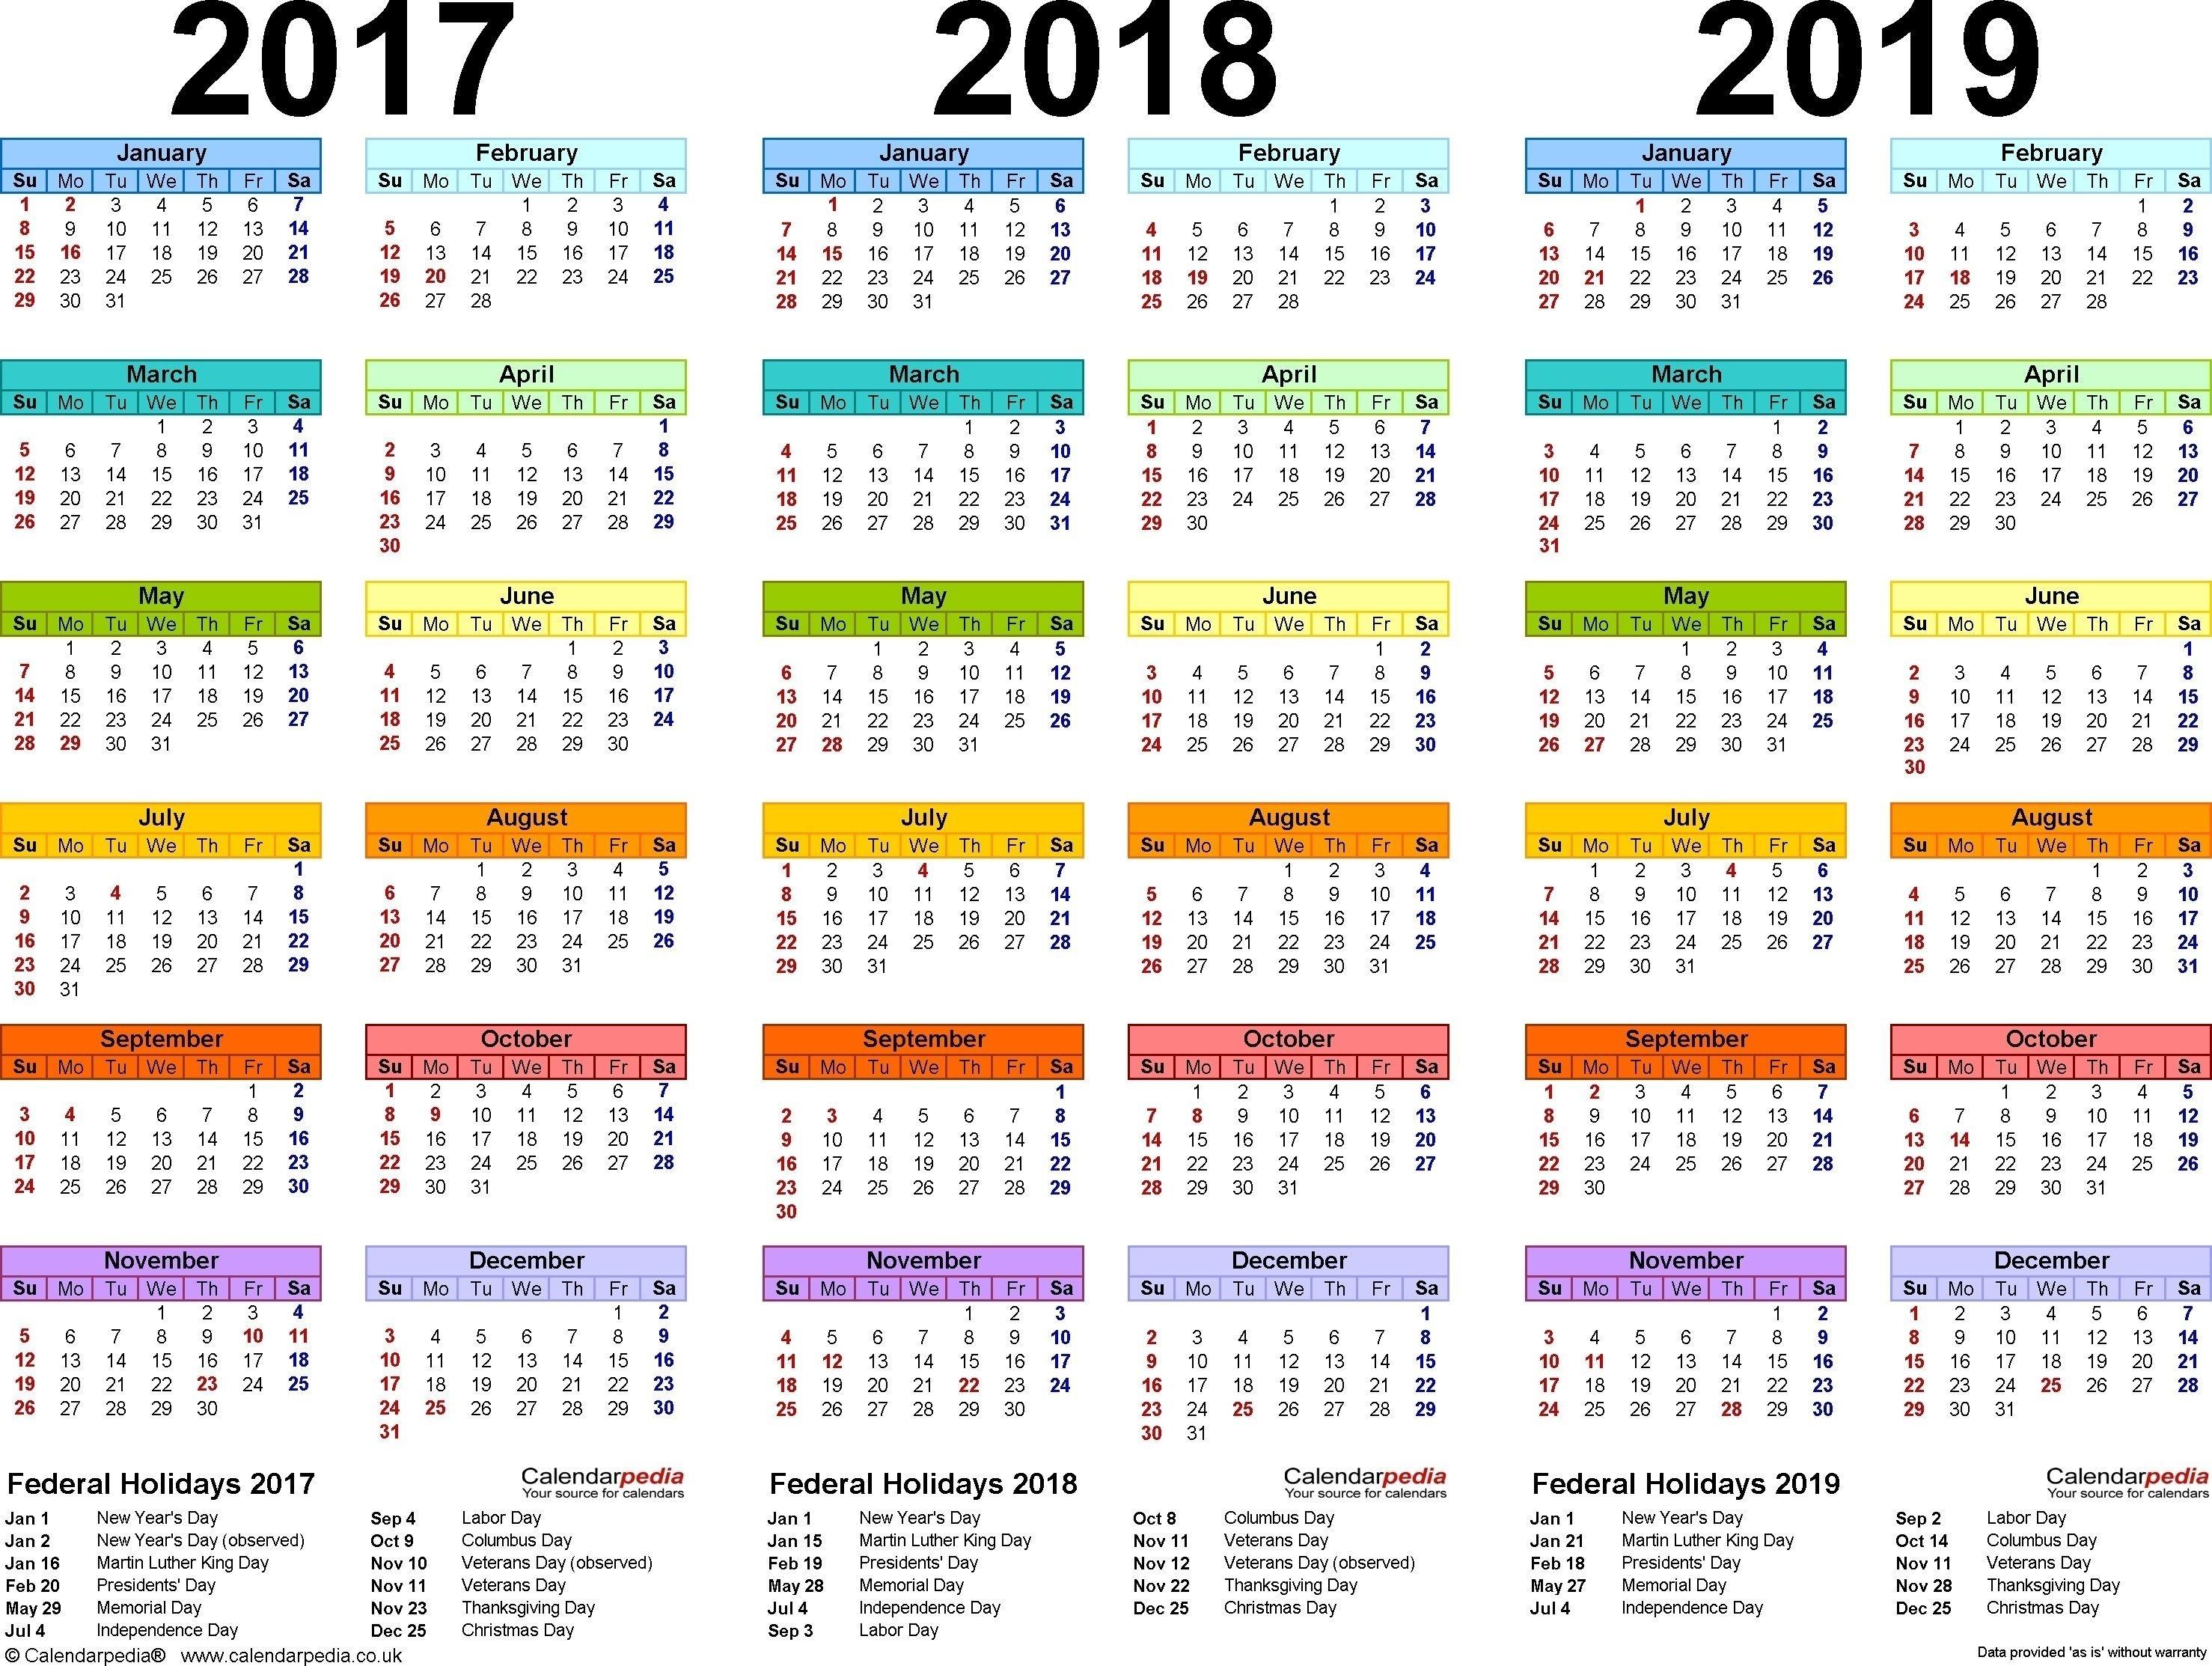 Depo Provera Perpetual Calendar 2018 – Calendar Printable  Depo-Provera Calendar 2020 2021